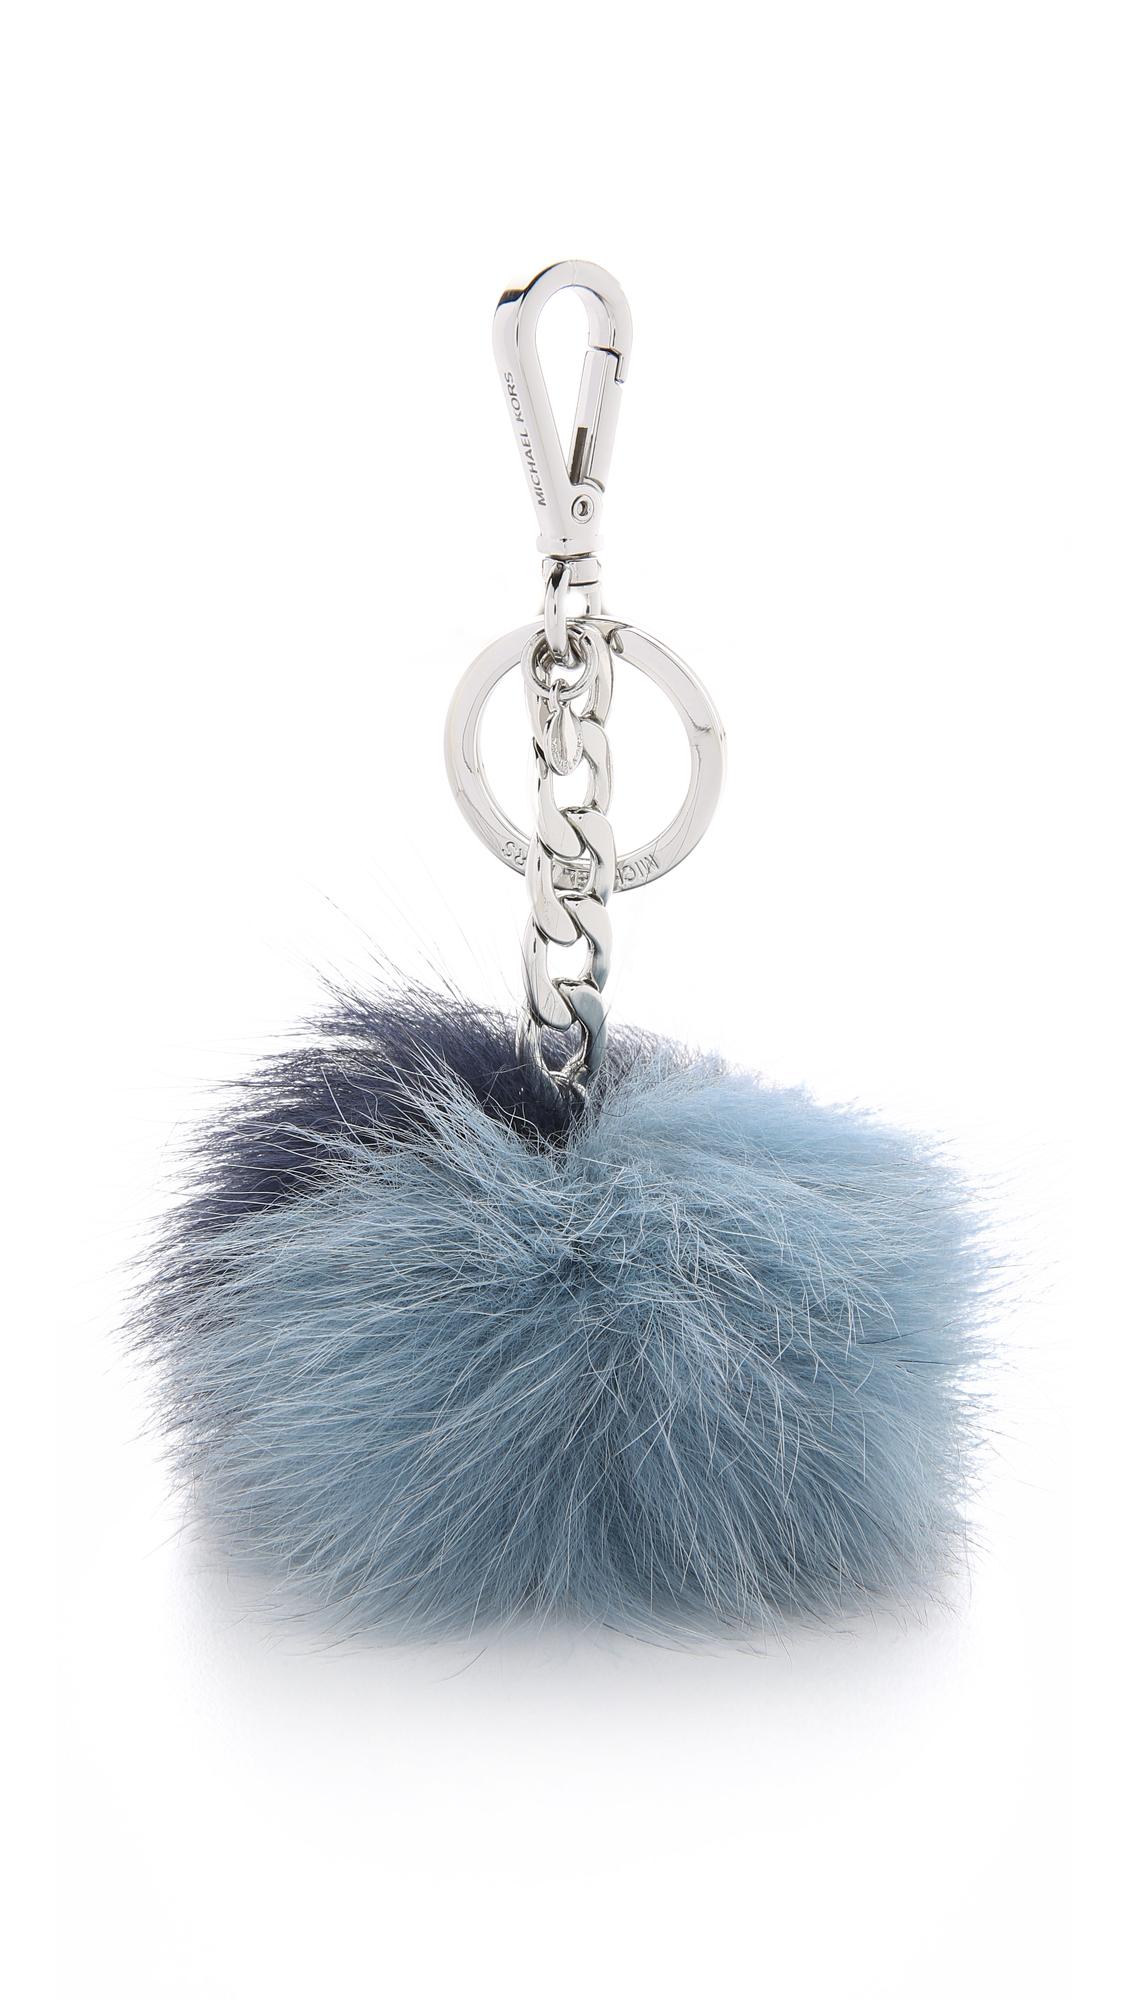 MICHAEL Michael Kors Fur Pom Pom Bag Charm  4acad92b2dde2